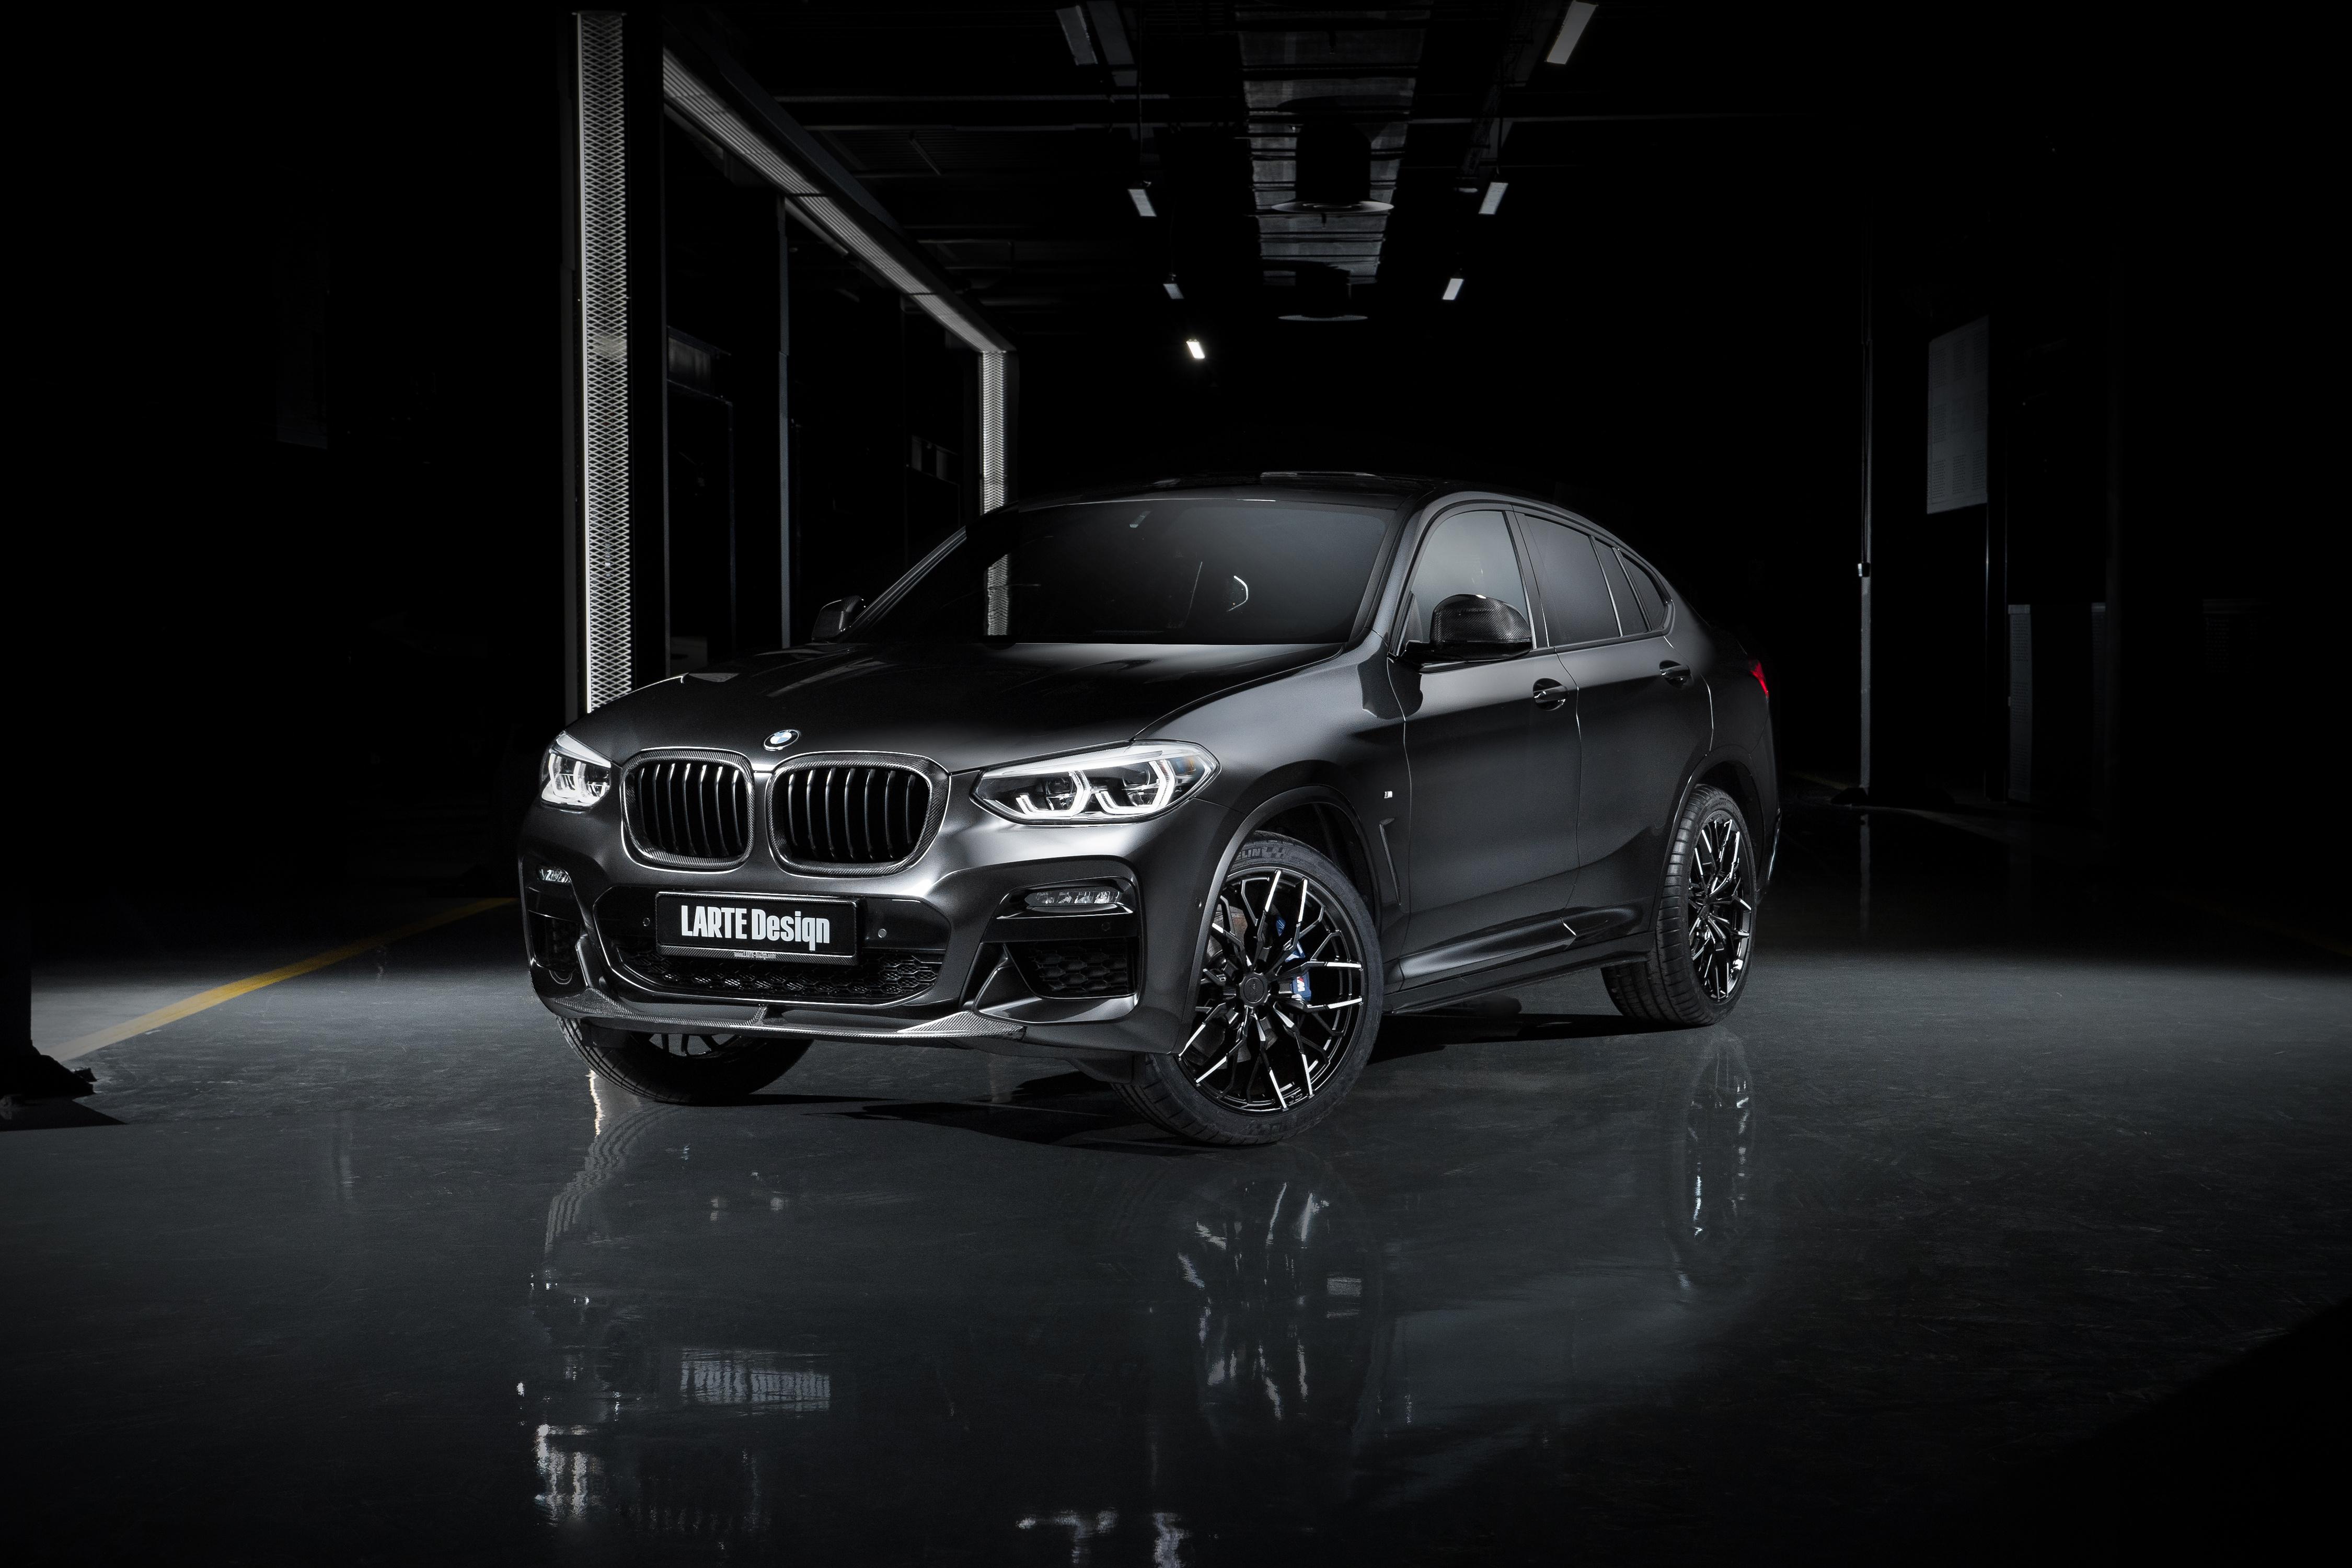 Картинки БМВ Кроссовер 2020 Larte Design BMW X4 Черный Автомобили 4500x3000 CUV черная черные черных авто машины машина автомобиль